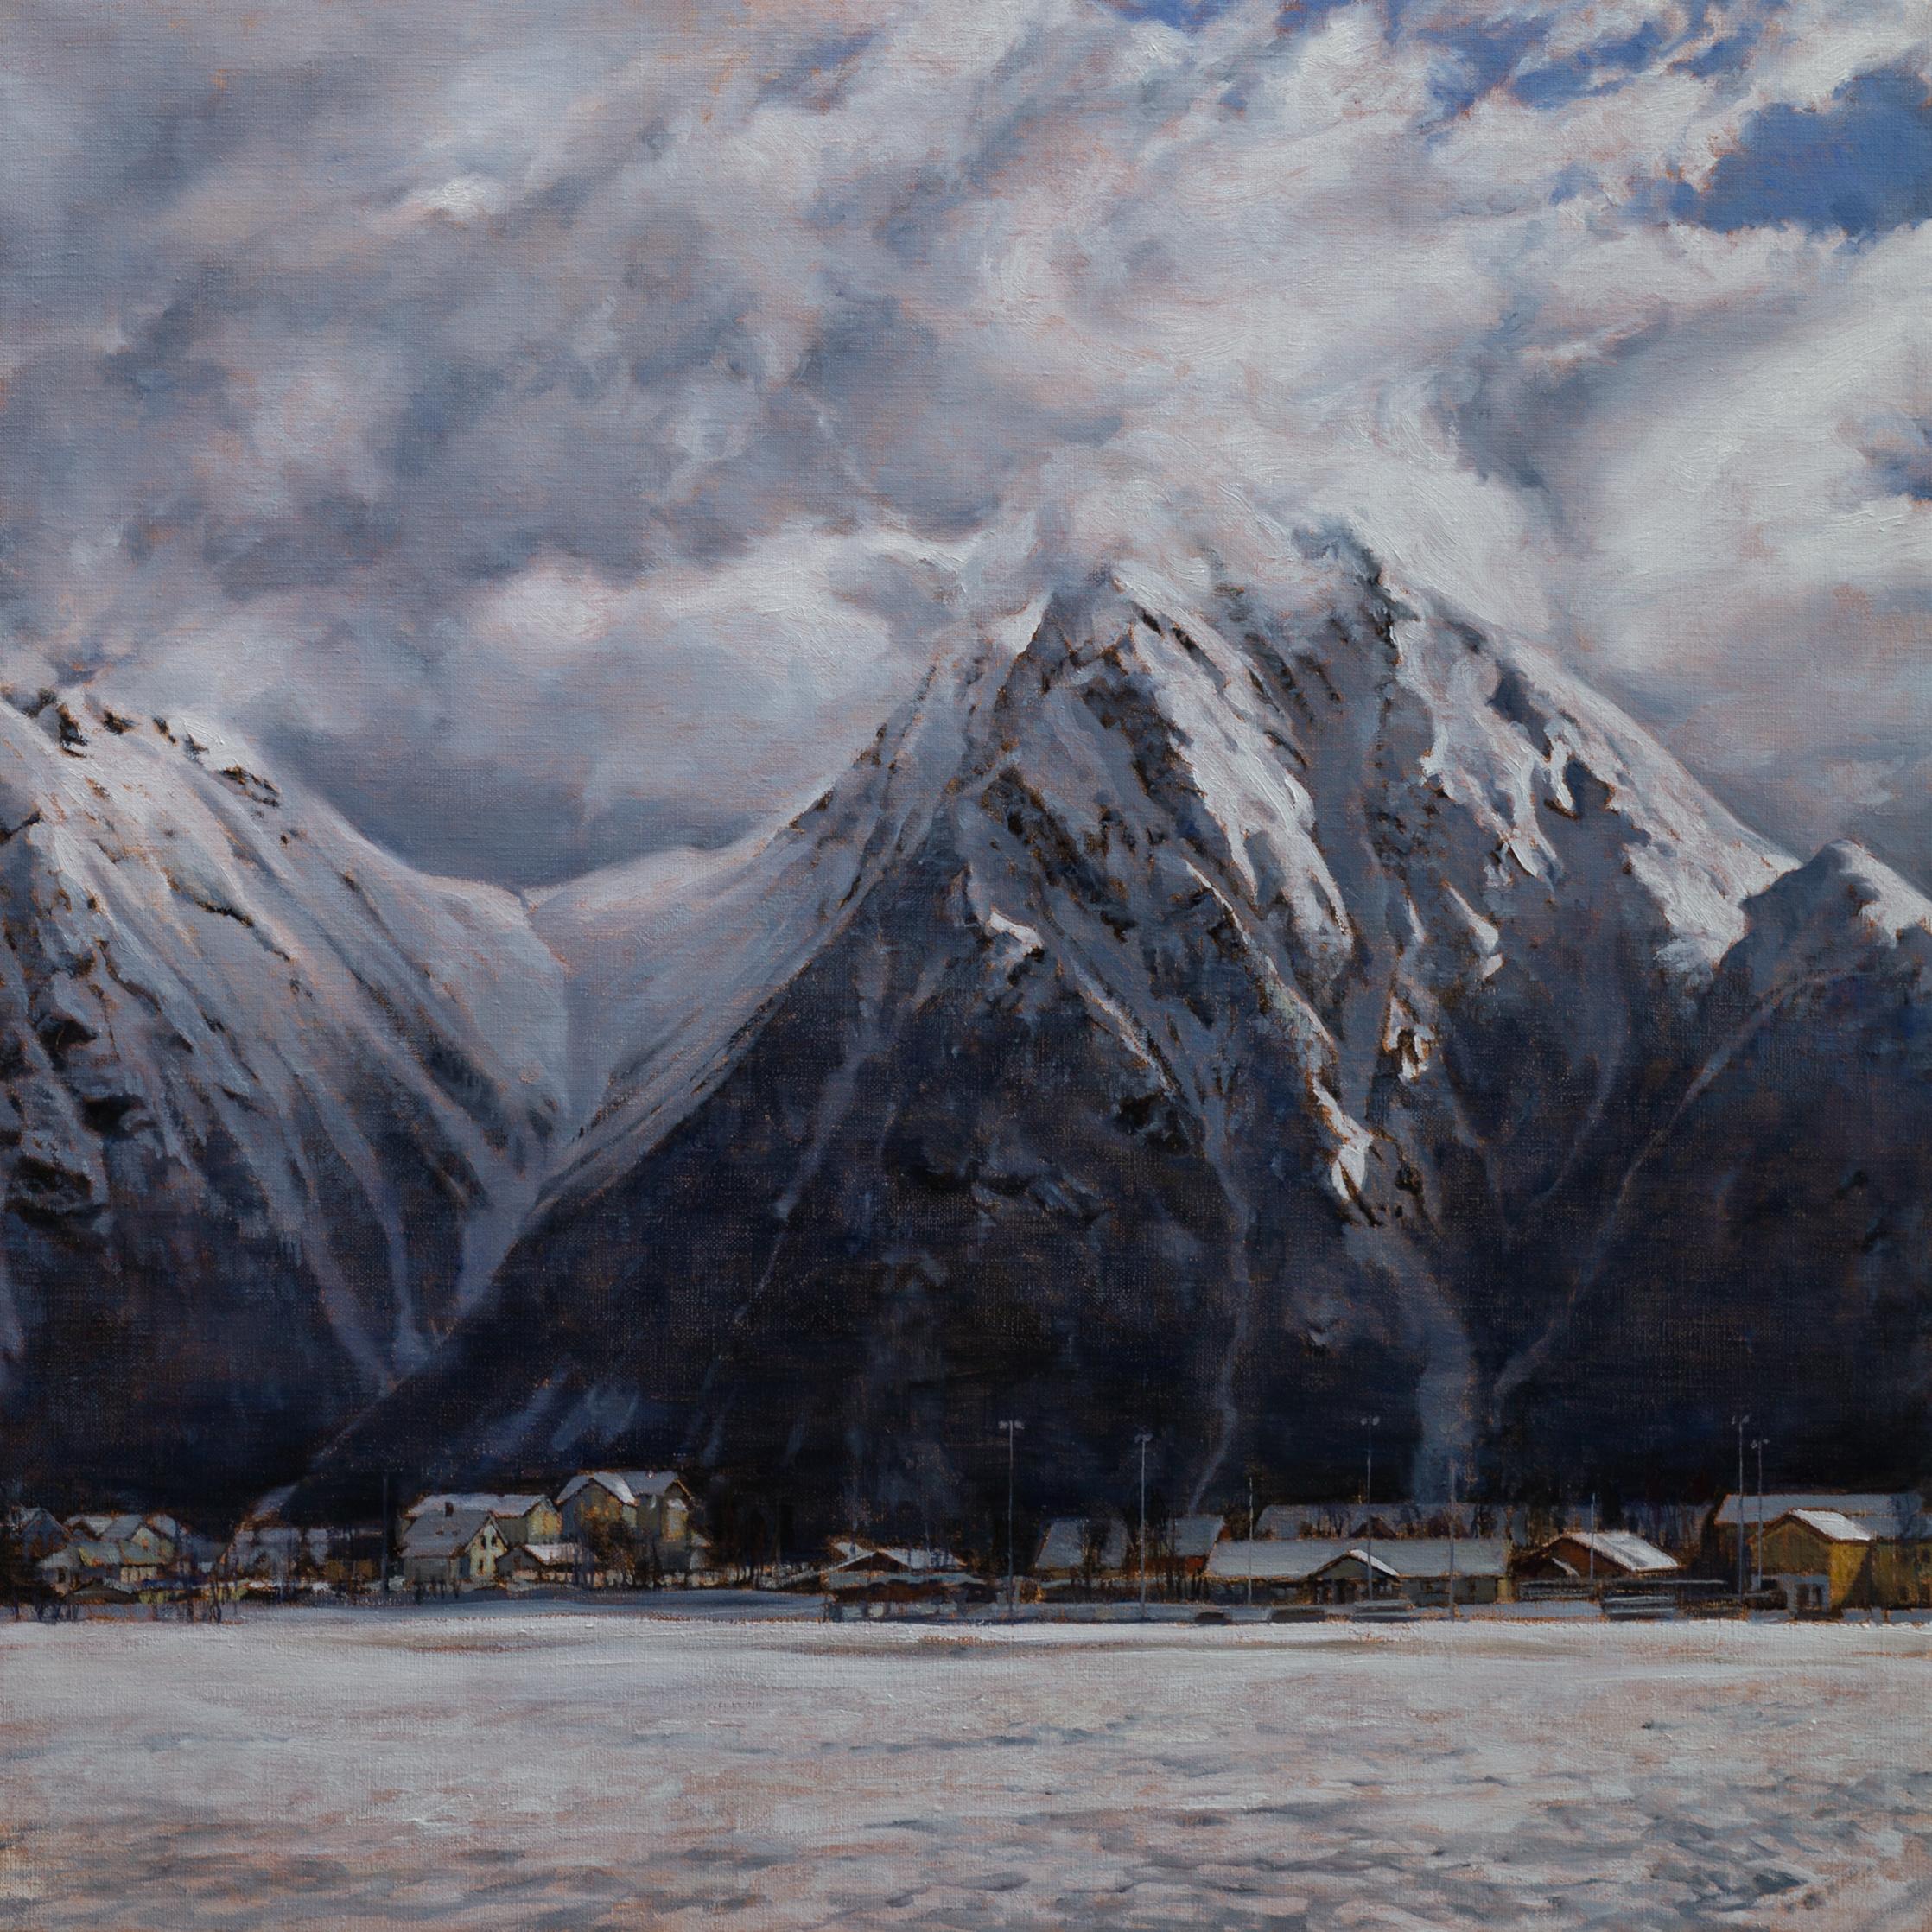 Saksa (Fra Sæbø på Sunnmøre)